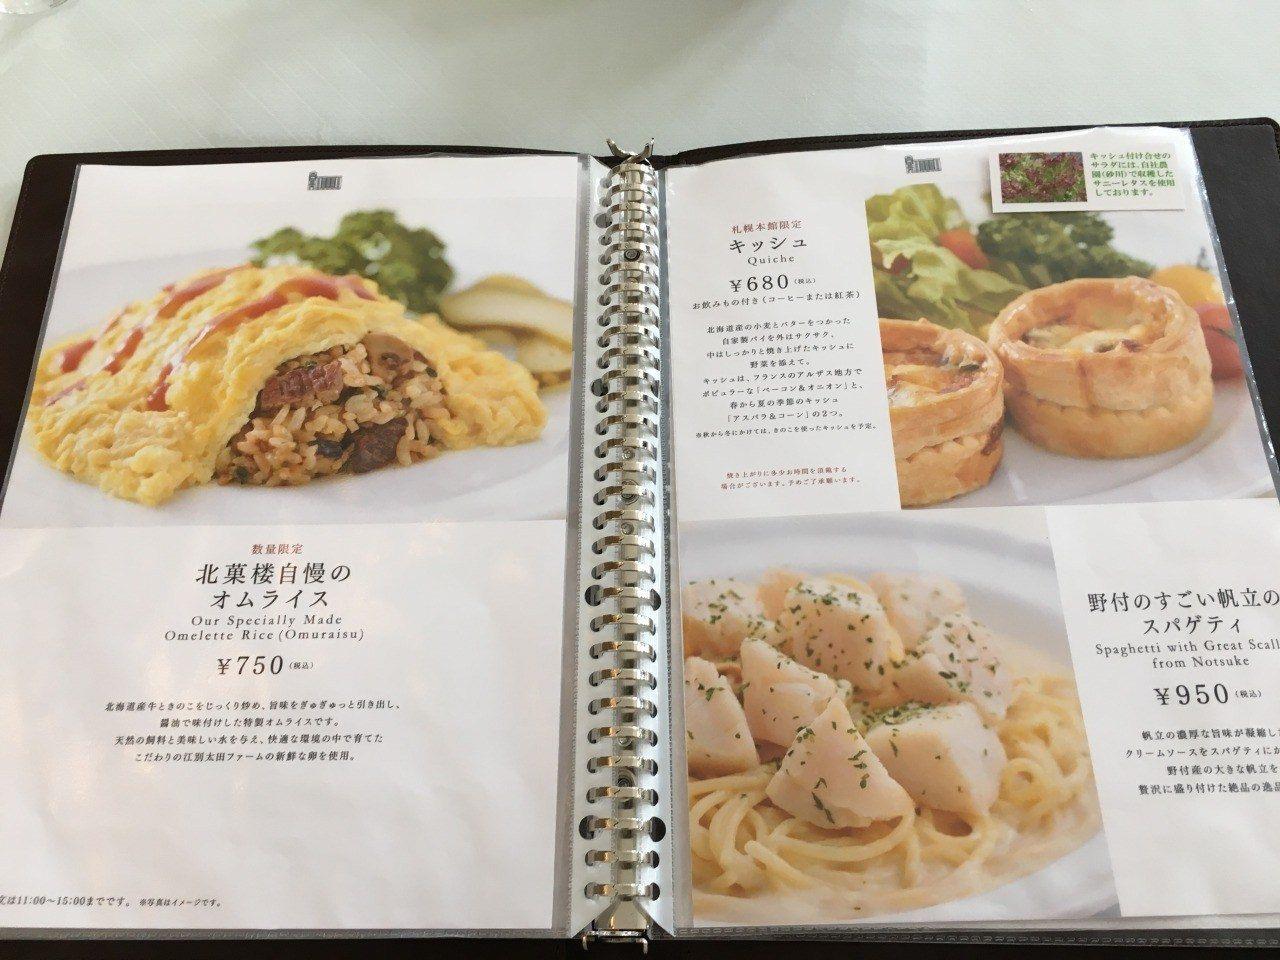 「北菓樓自慢のオムライス(蛋包飯)」(750日圓)